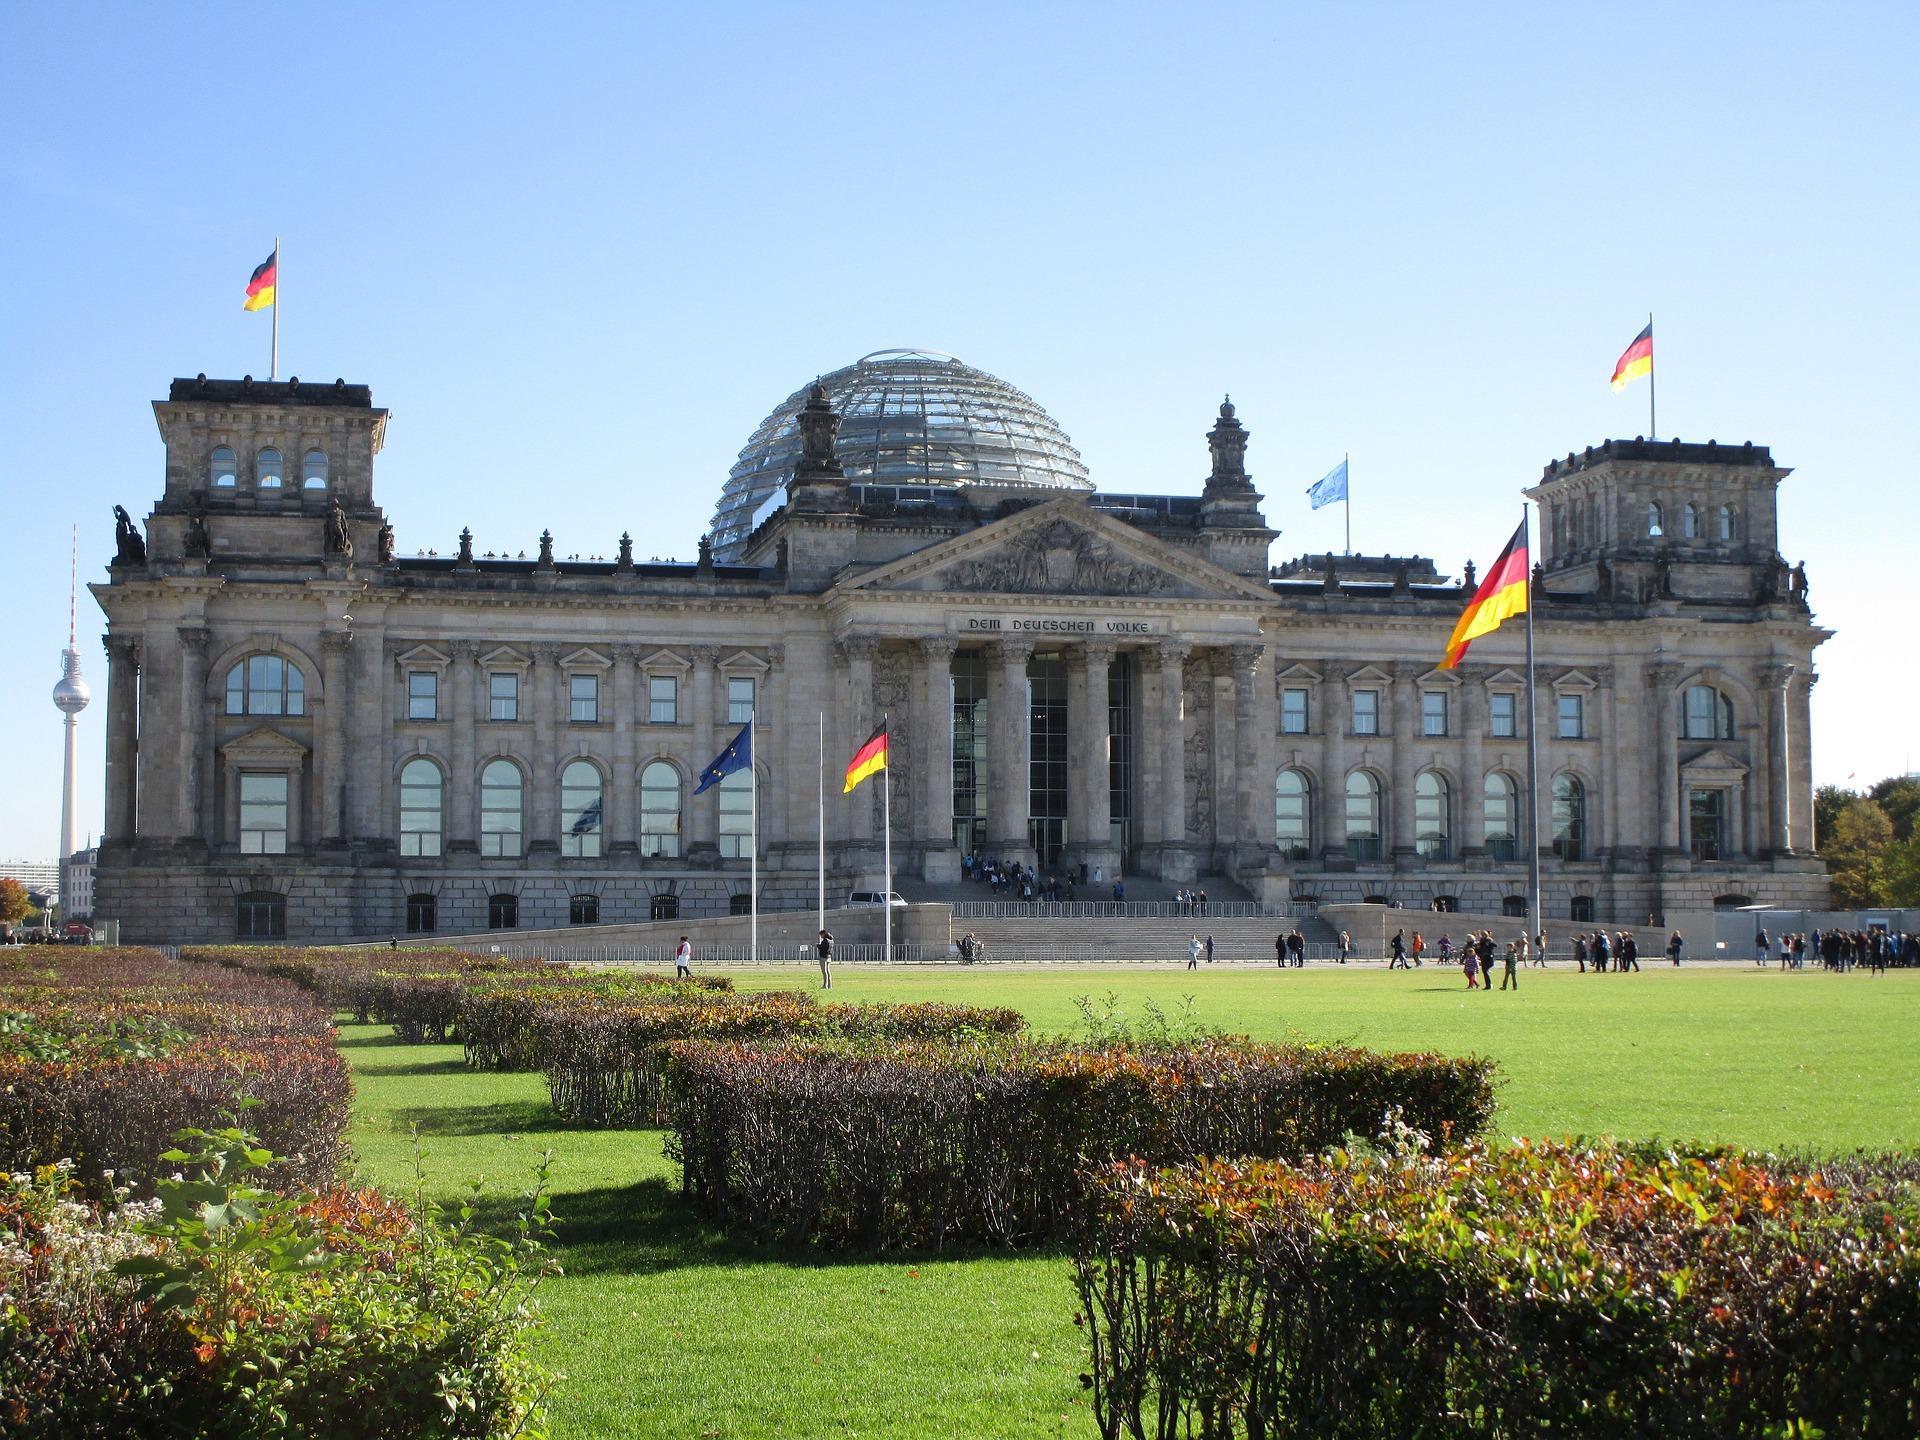 reichstag-building-2838571_1920.jpg